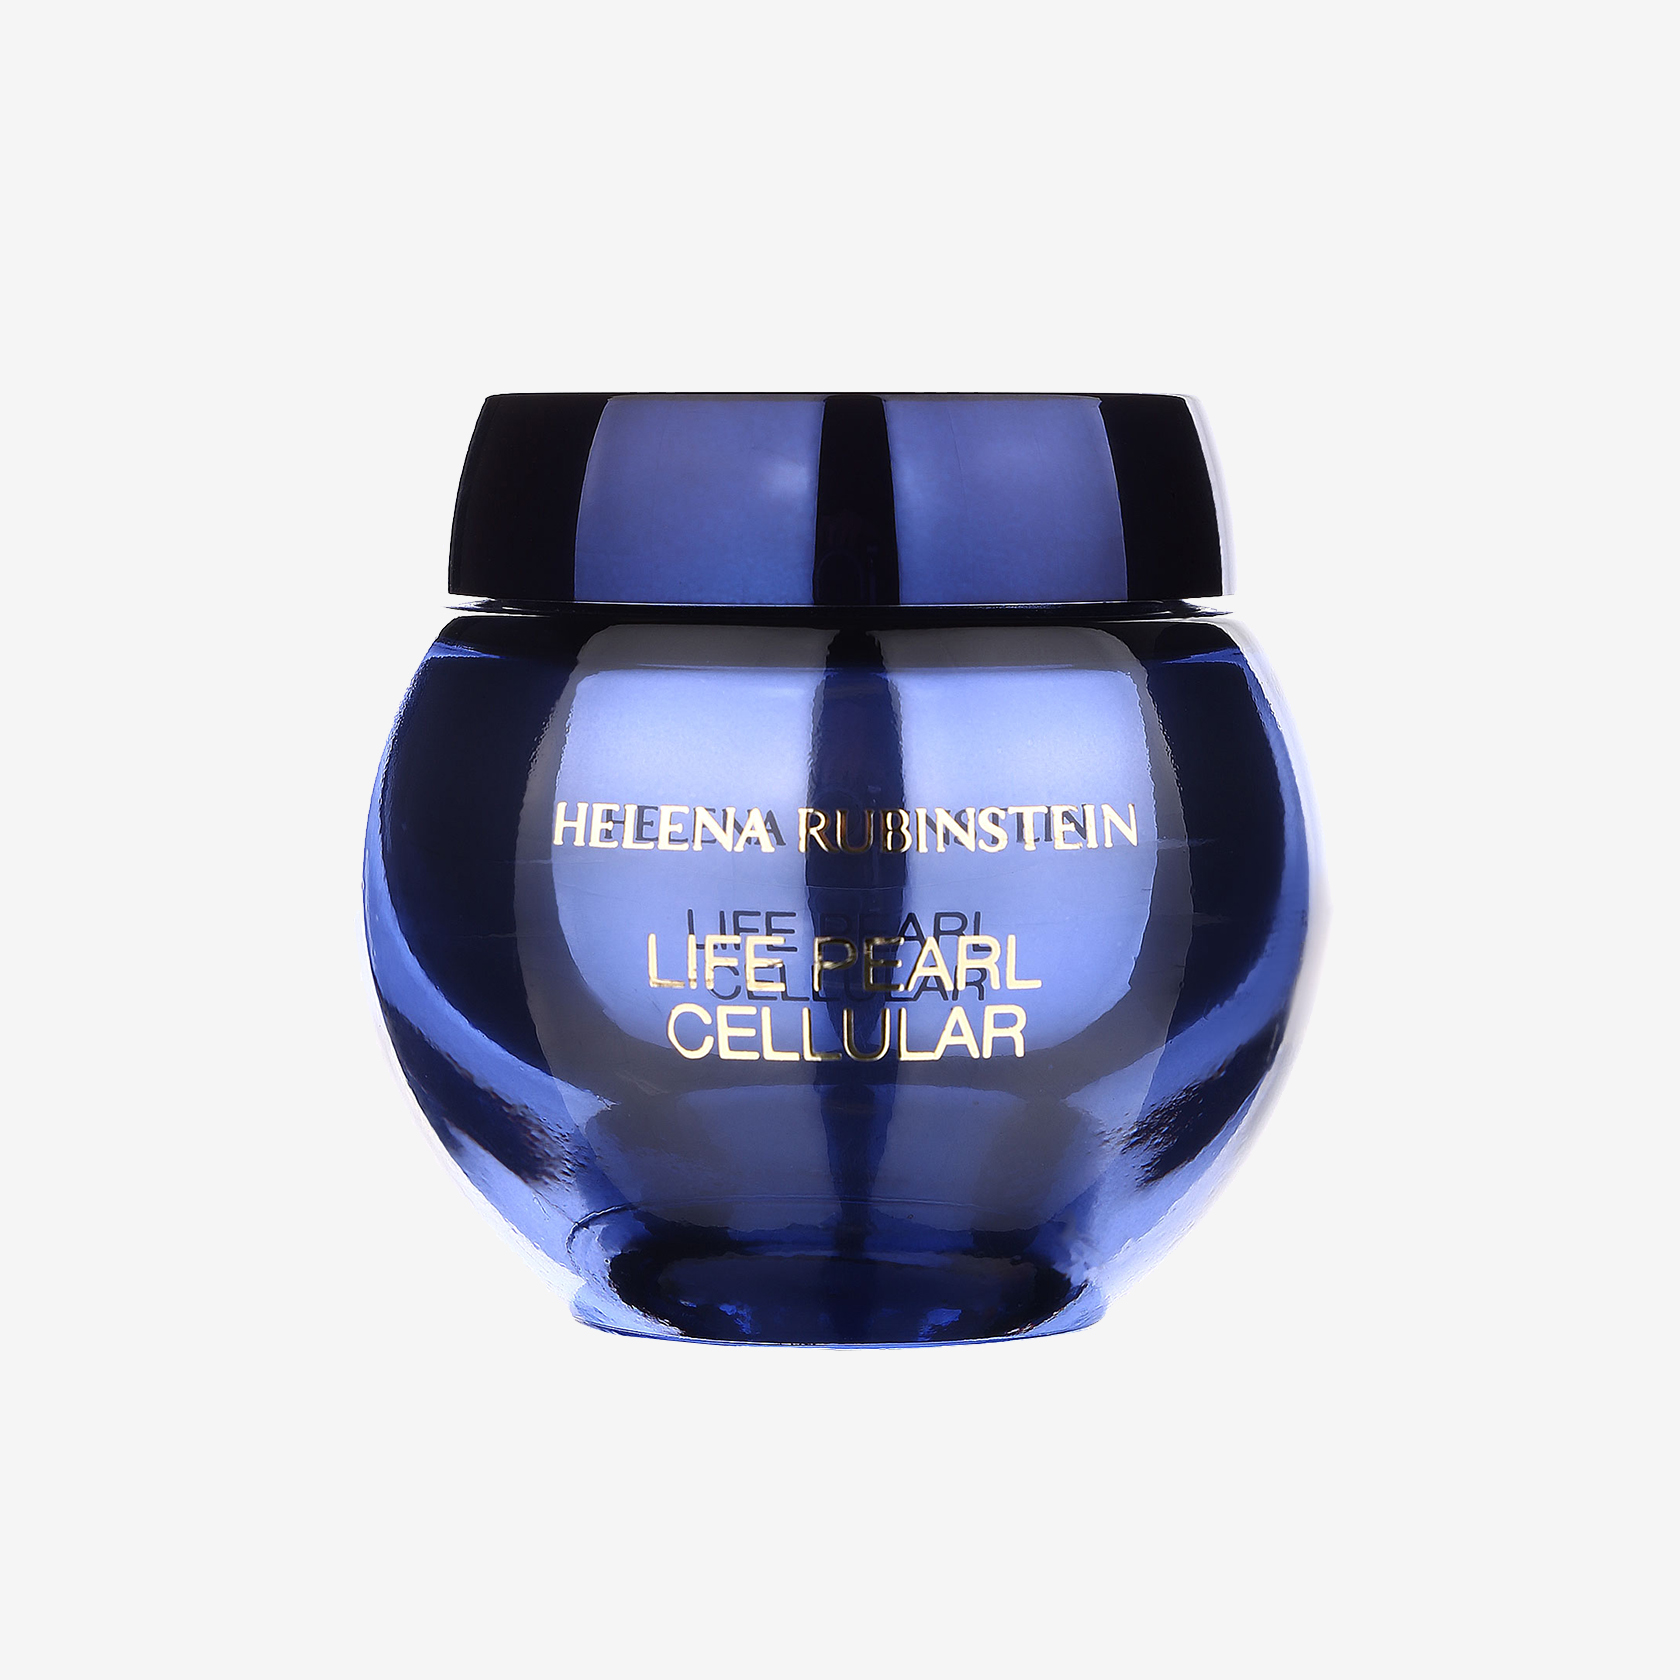 Крем для лица с клеточным комплексом Life Pearl Cellular, Helena Rubinstein